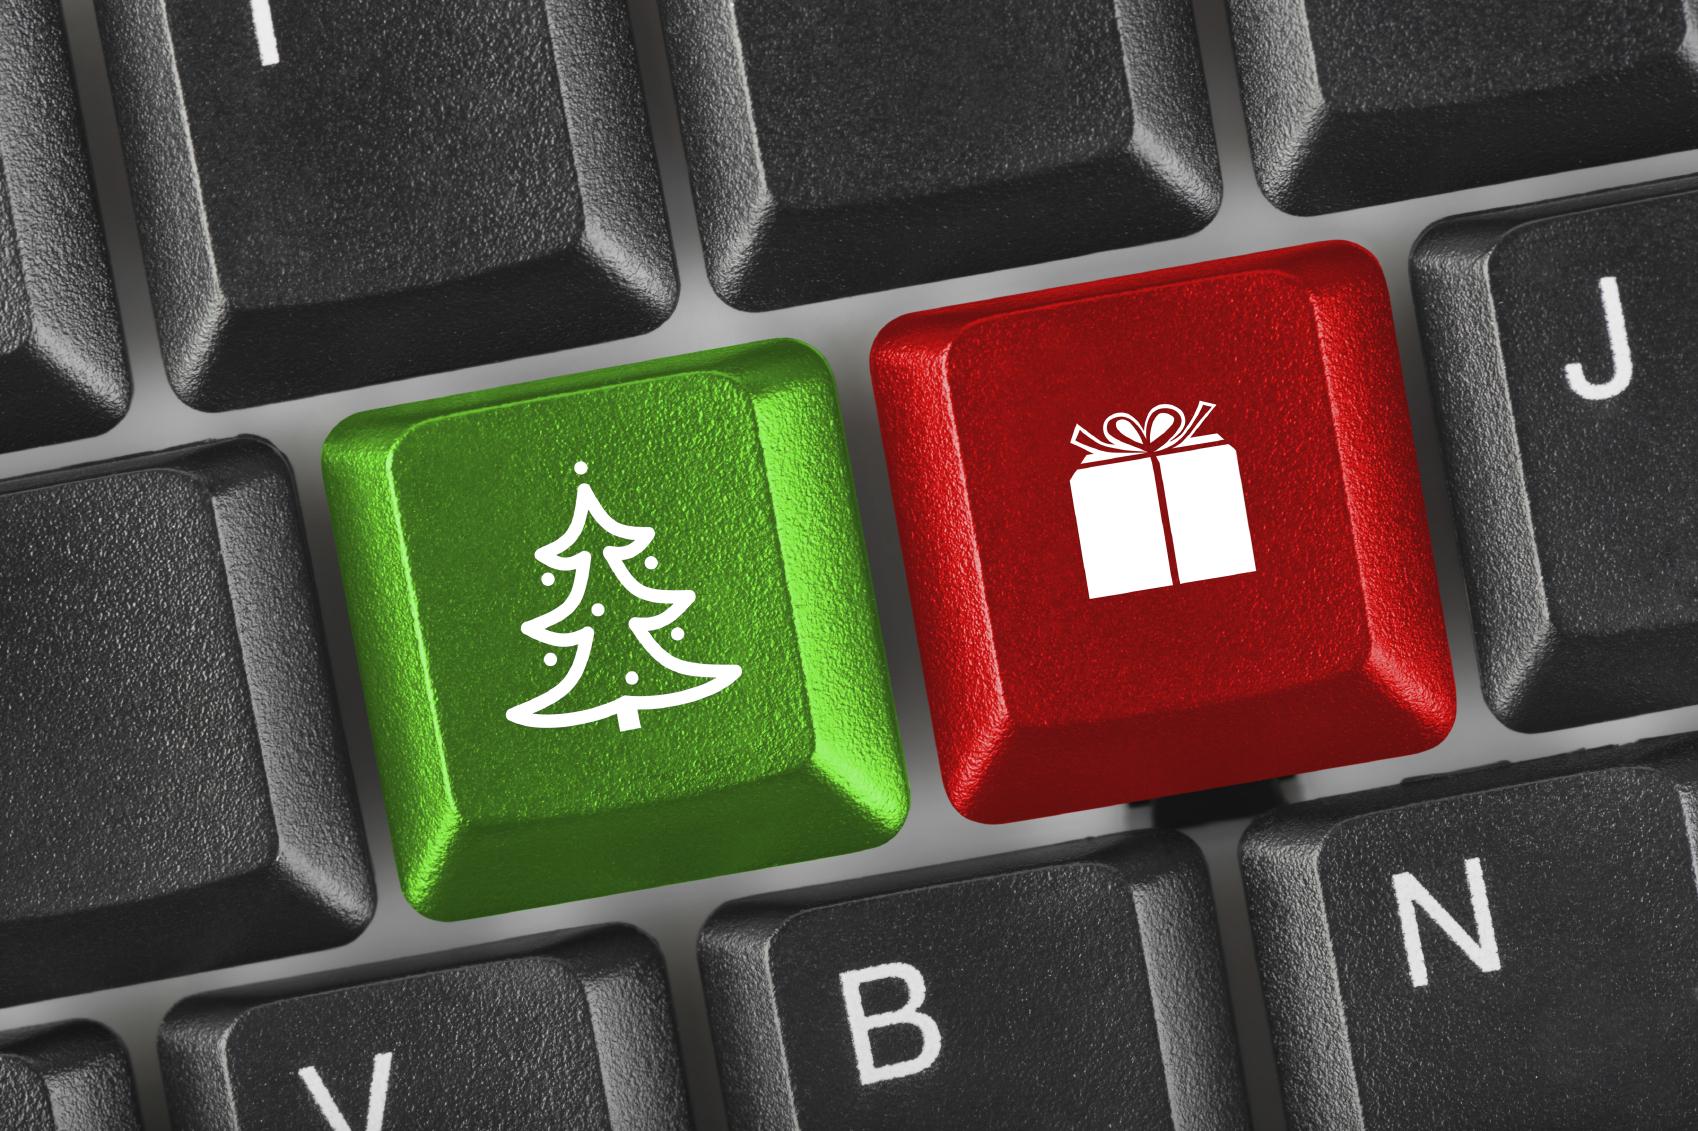 Doppeltes Geschenk zu Weihnachten? Verkaufen Sie es!